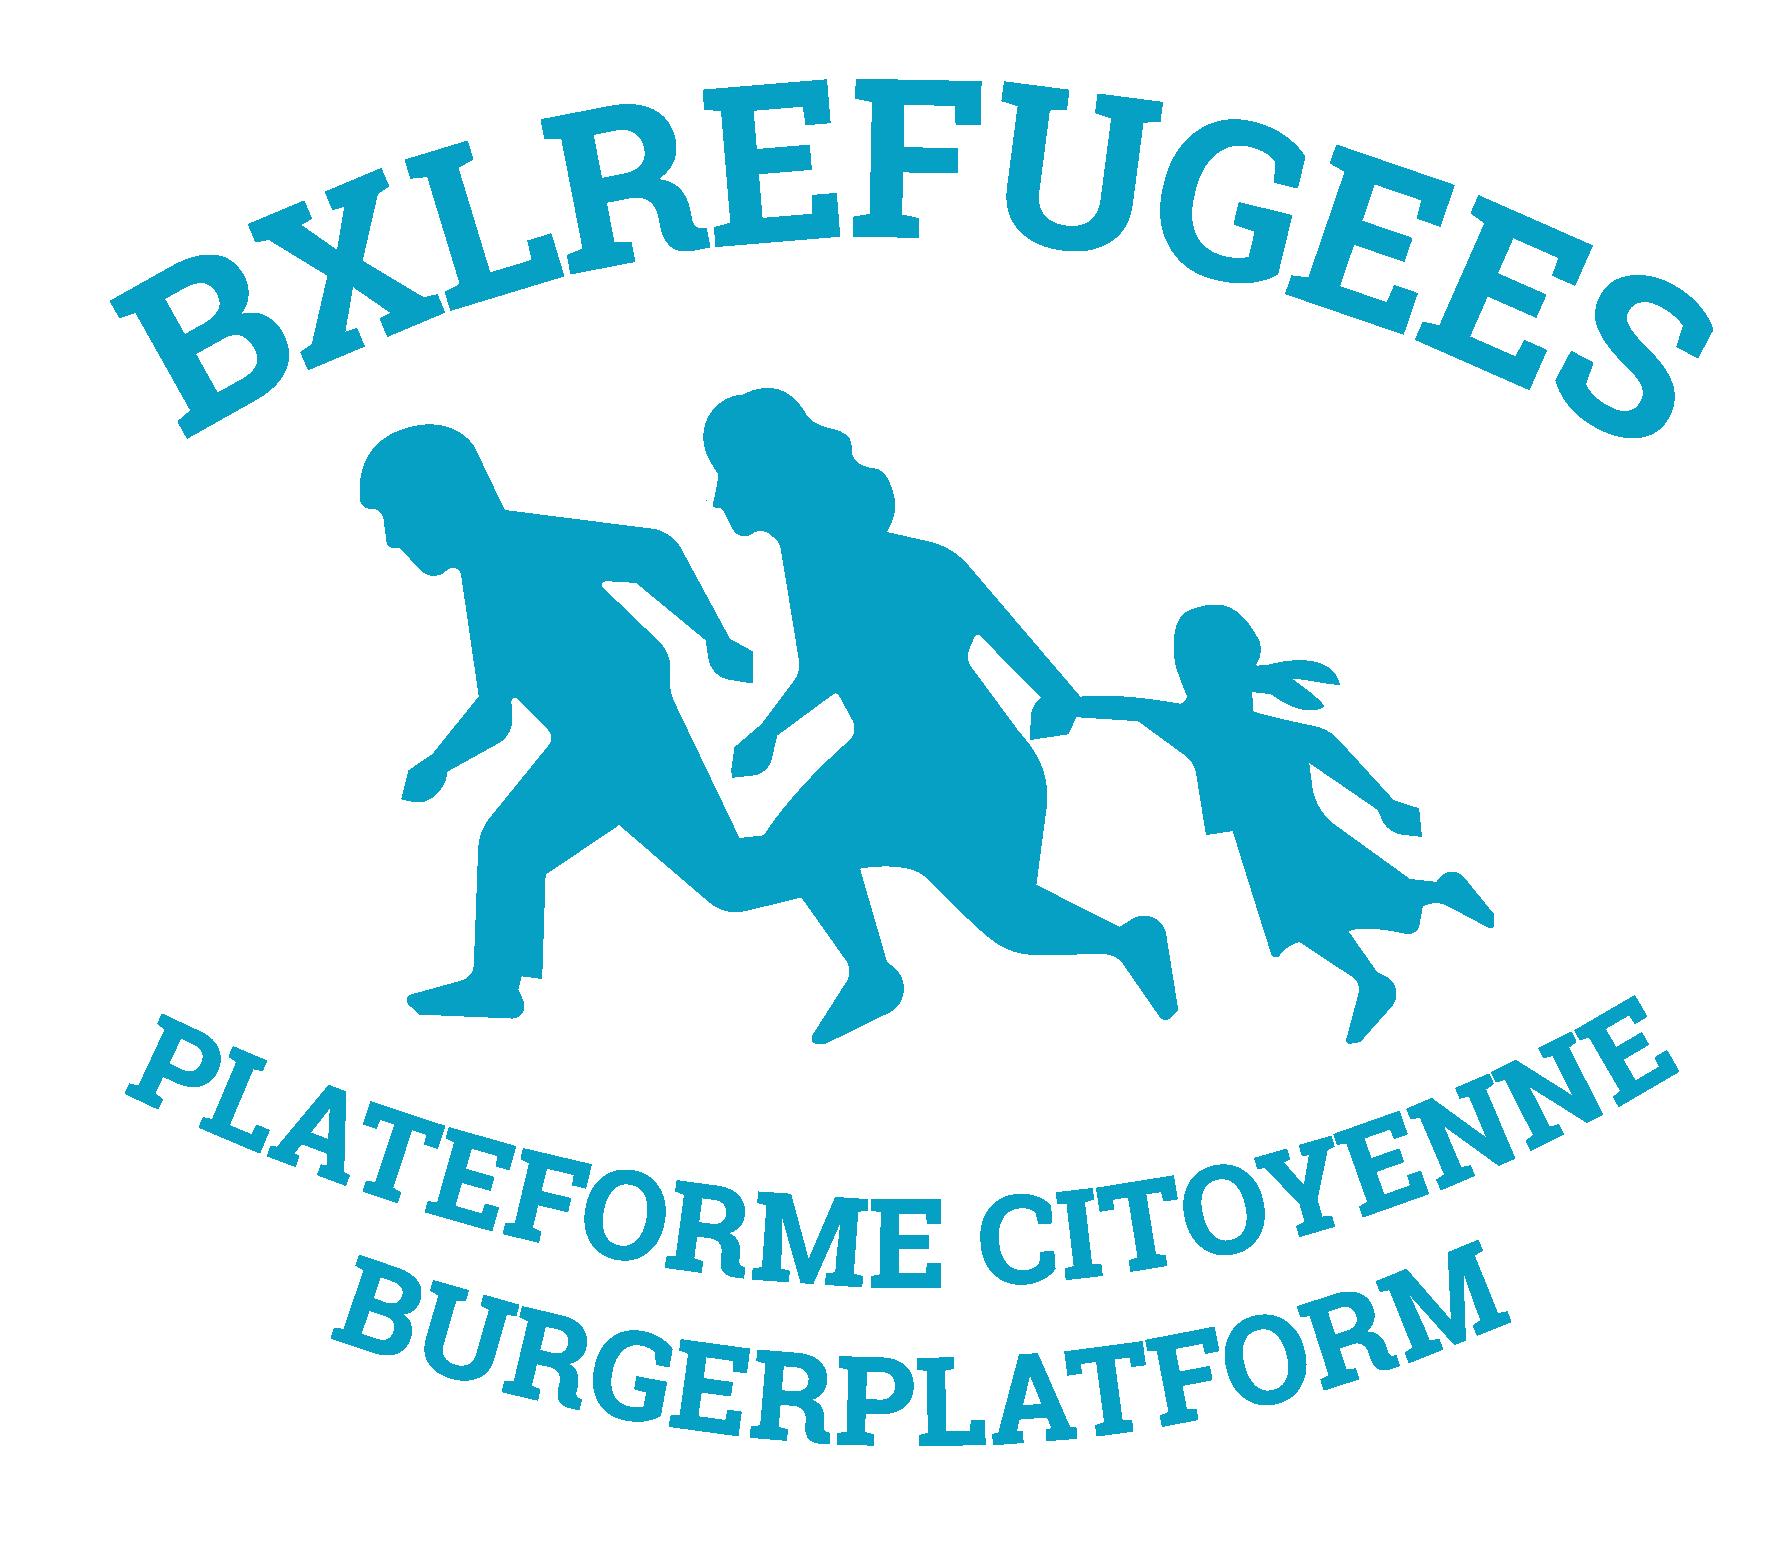 BXLREFUGEES_LOGO_COLOR_BIL_HD_TRANSPARENT